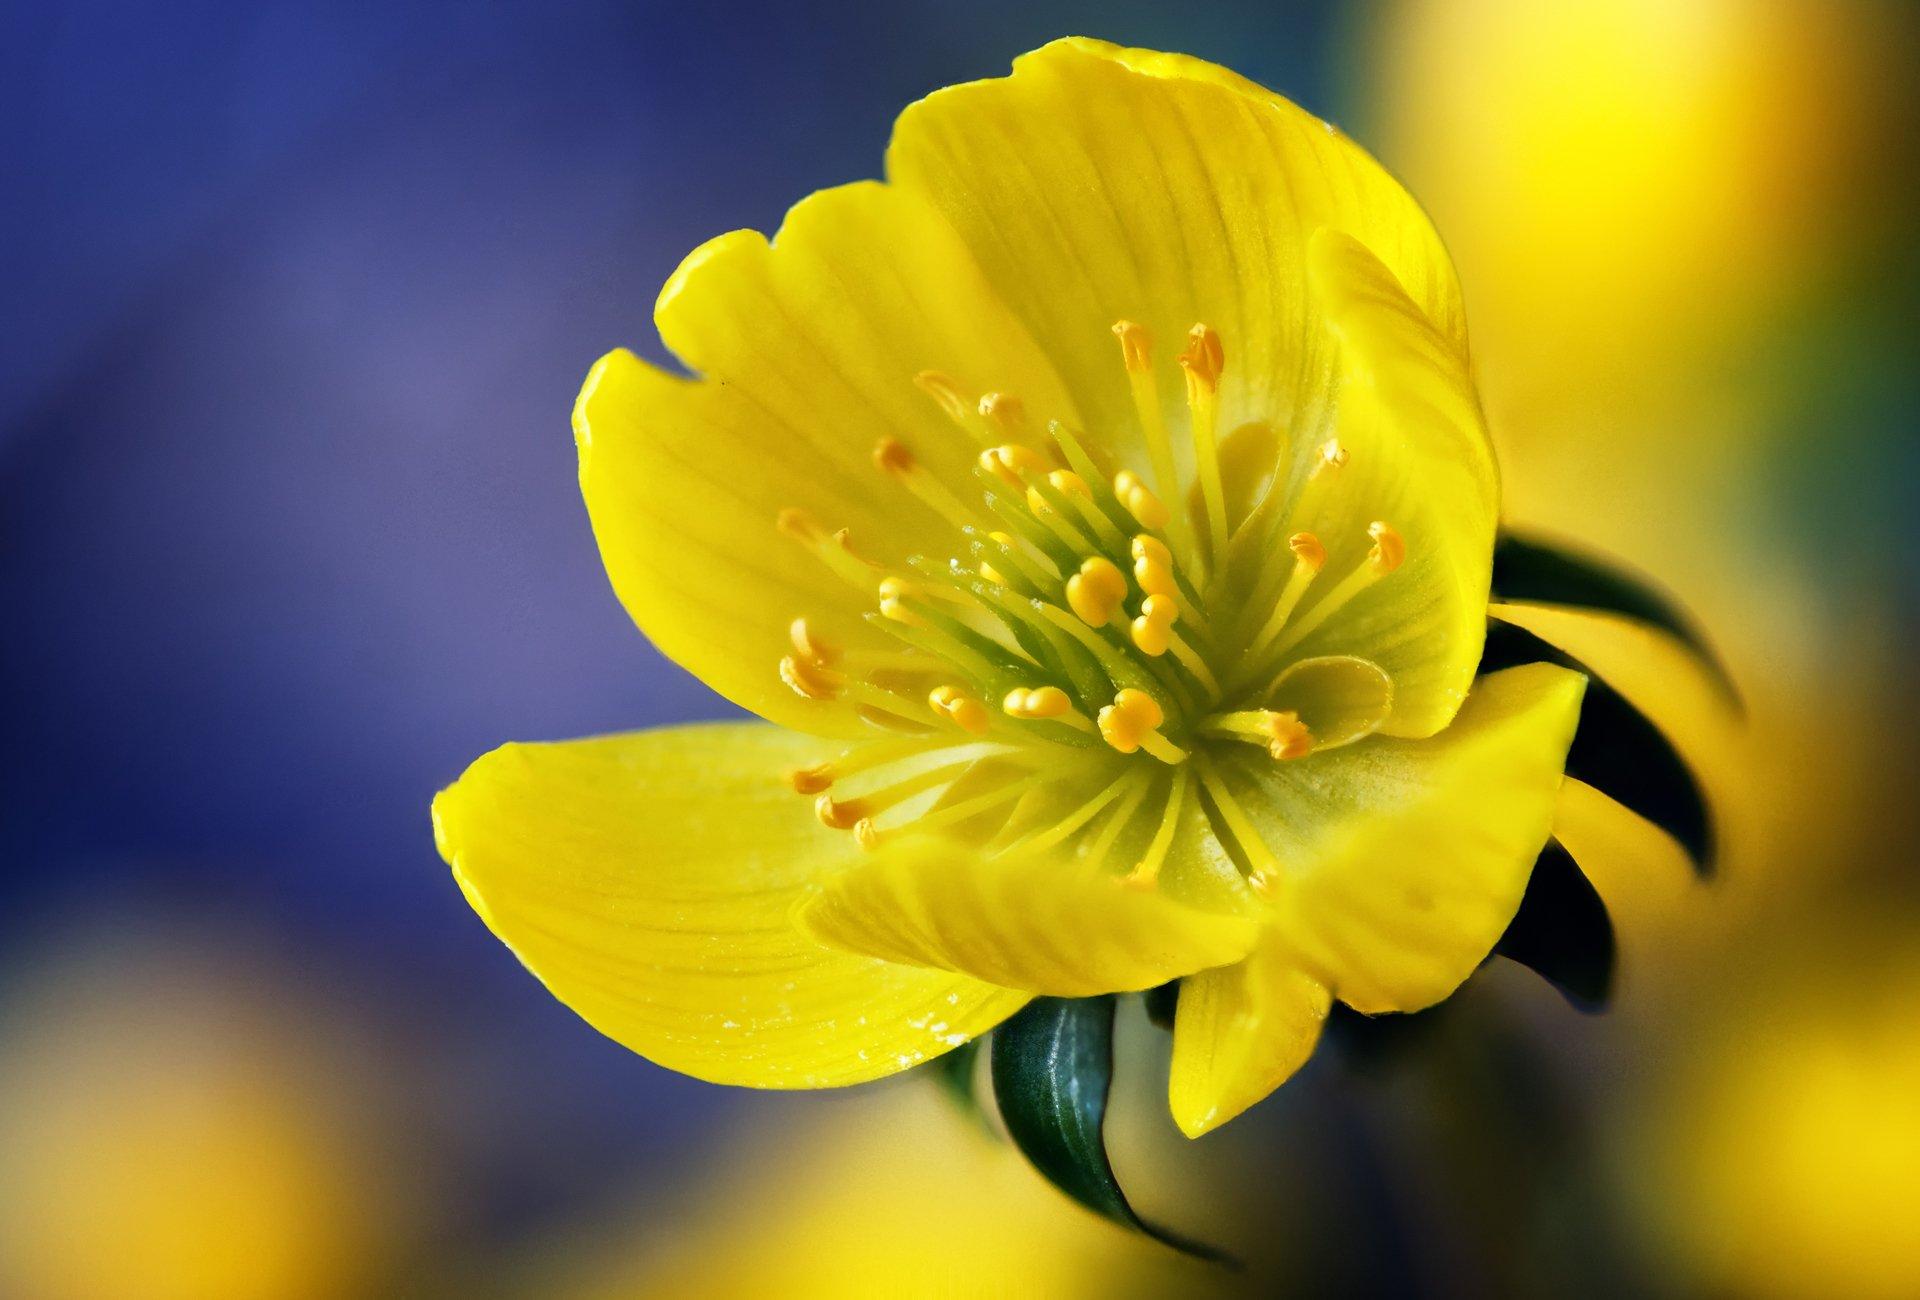 природа крупный план цветы желтые nature large plan flowers yellow загрузить